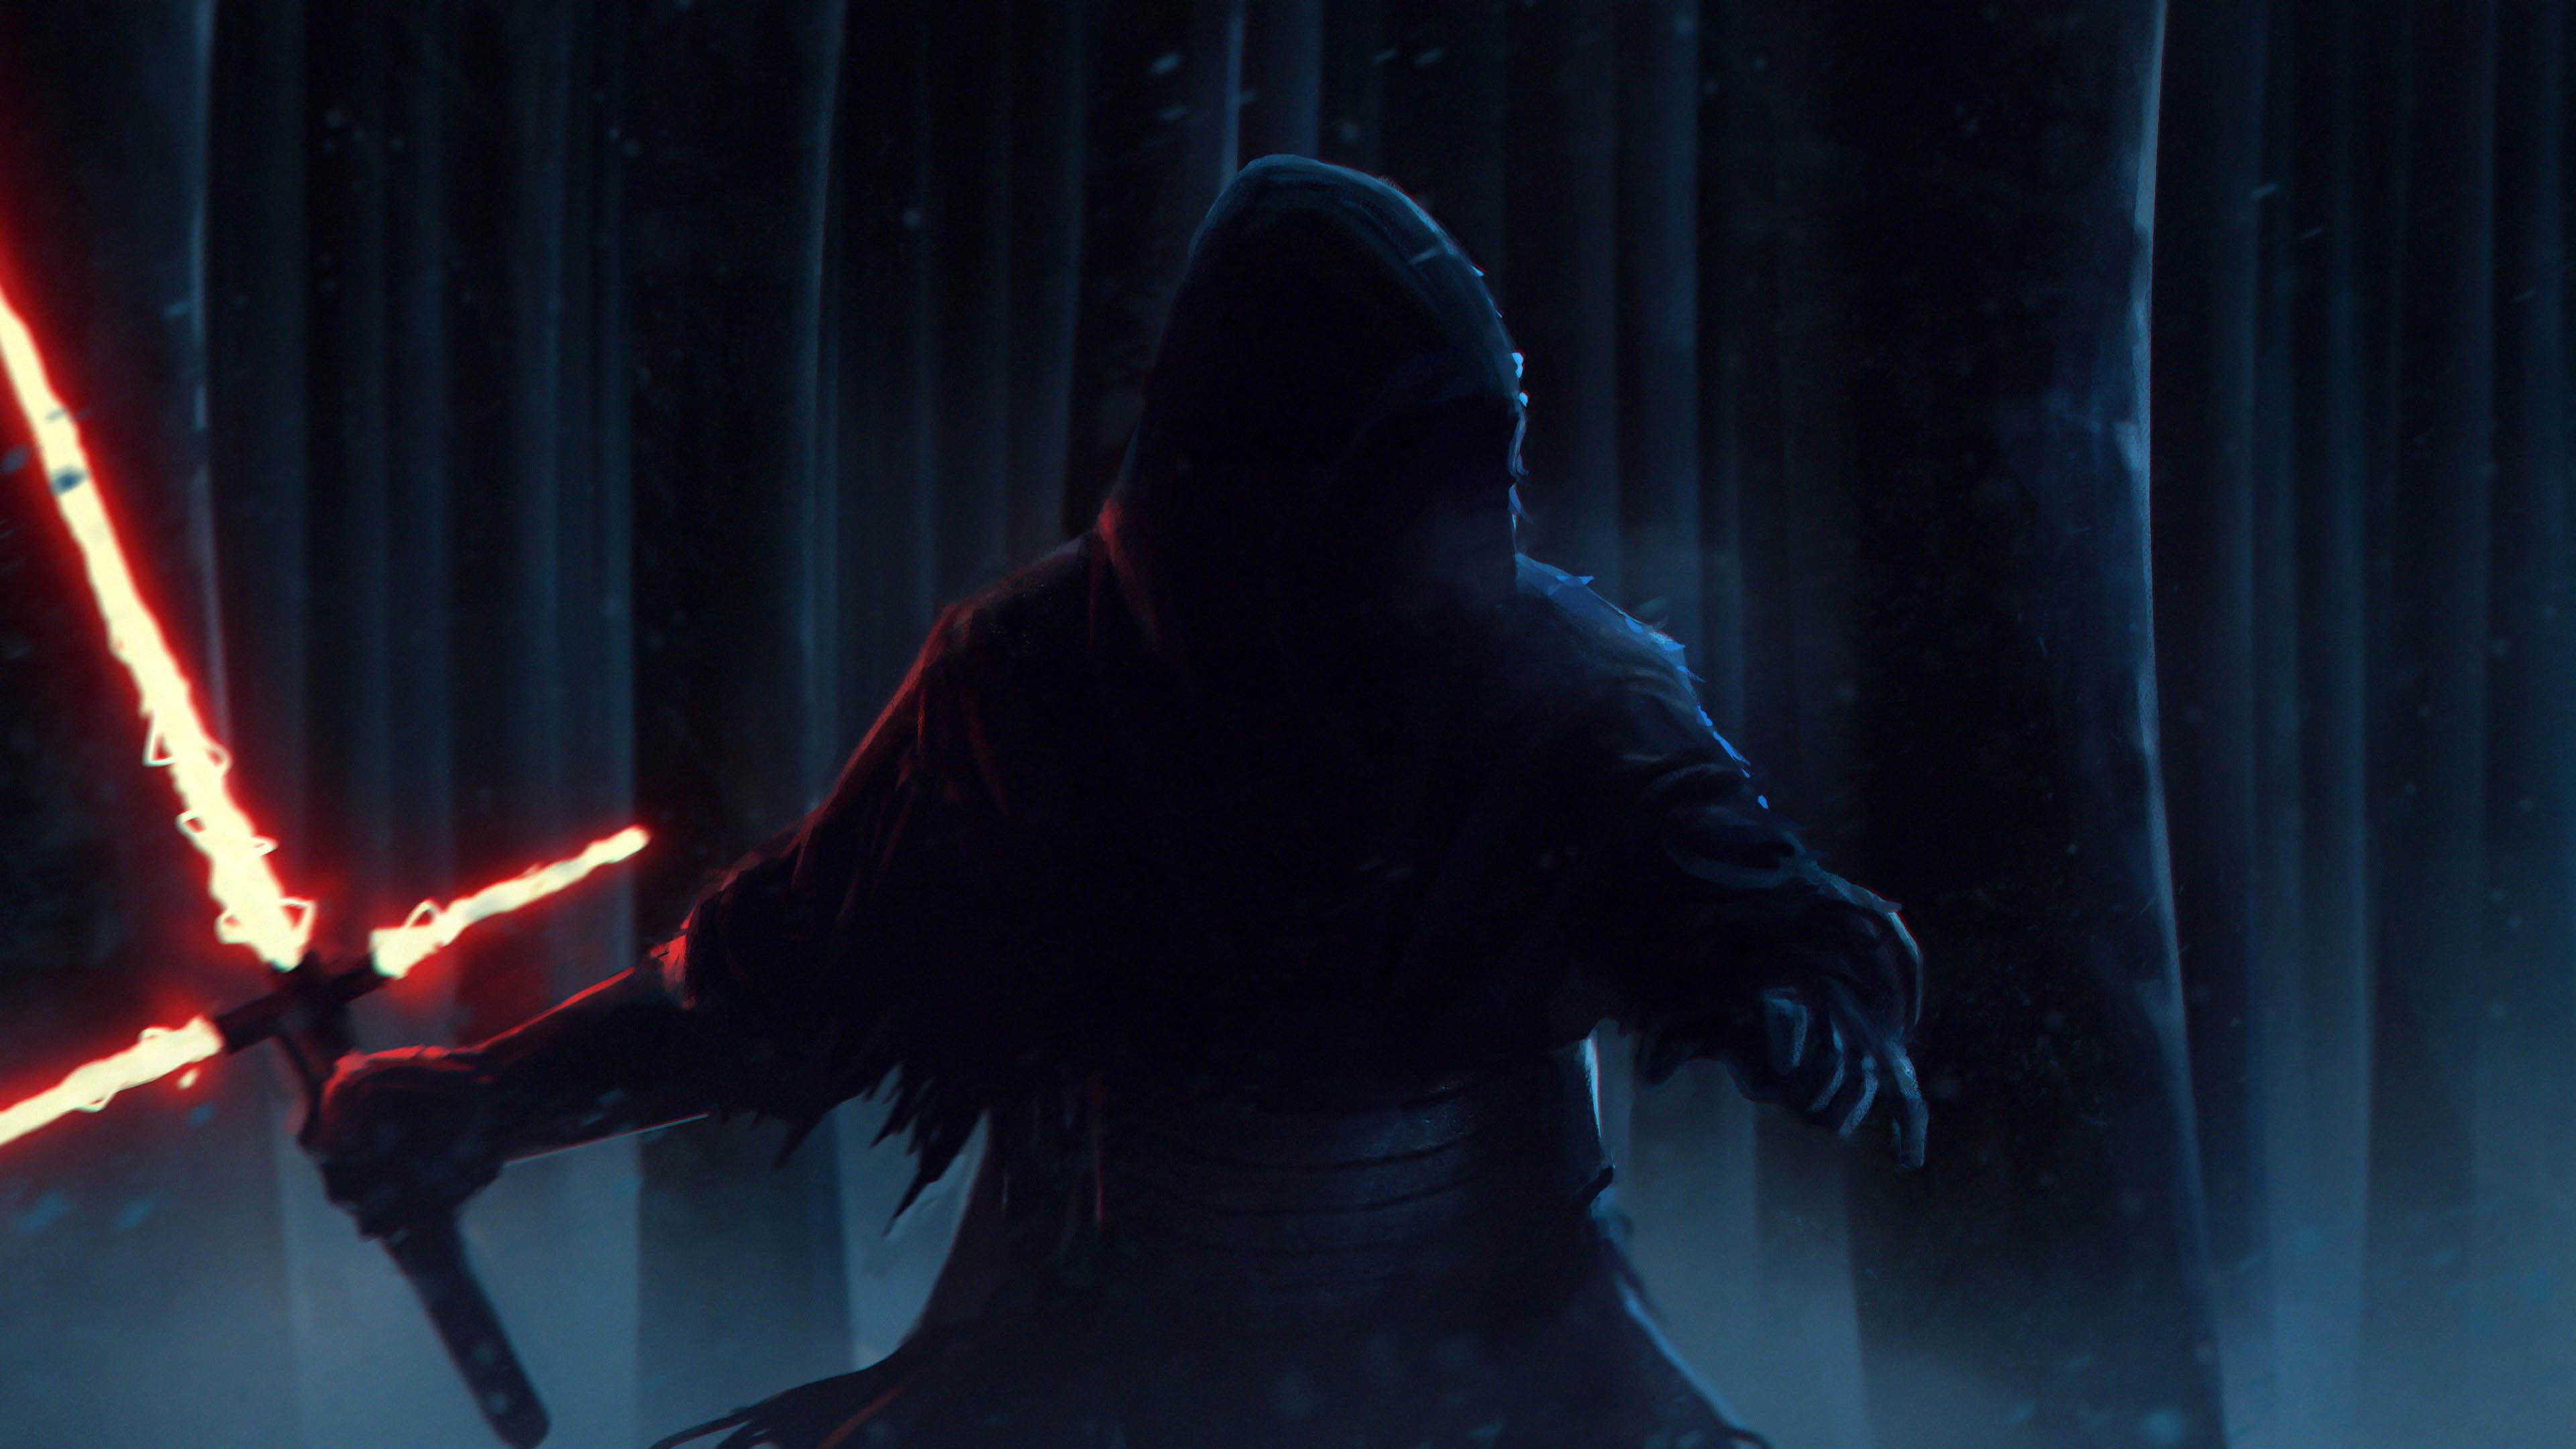 Star Wars Force Awakens 1080p: Kylo Ren Wallpapers HD